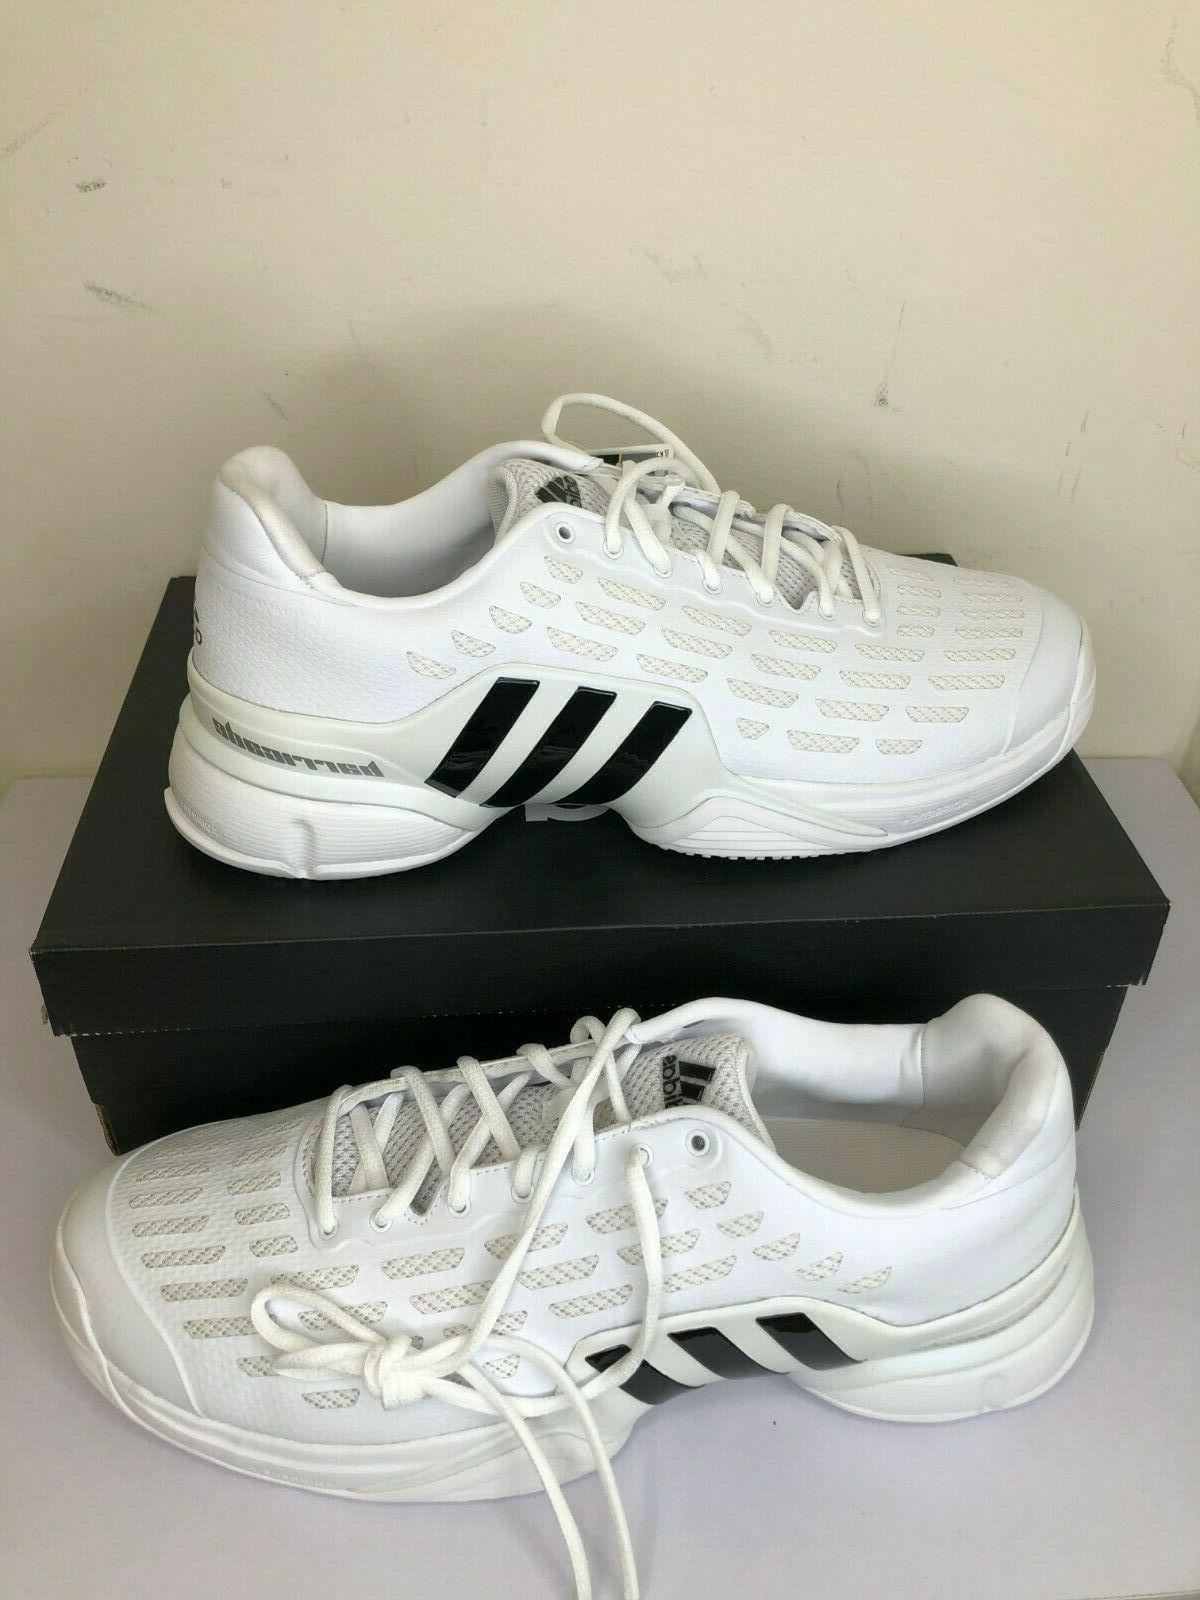 mens barricade 2016 grass tennis shoes size